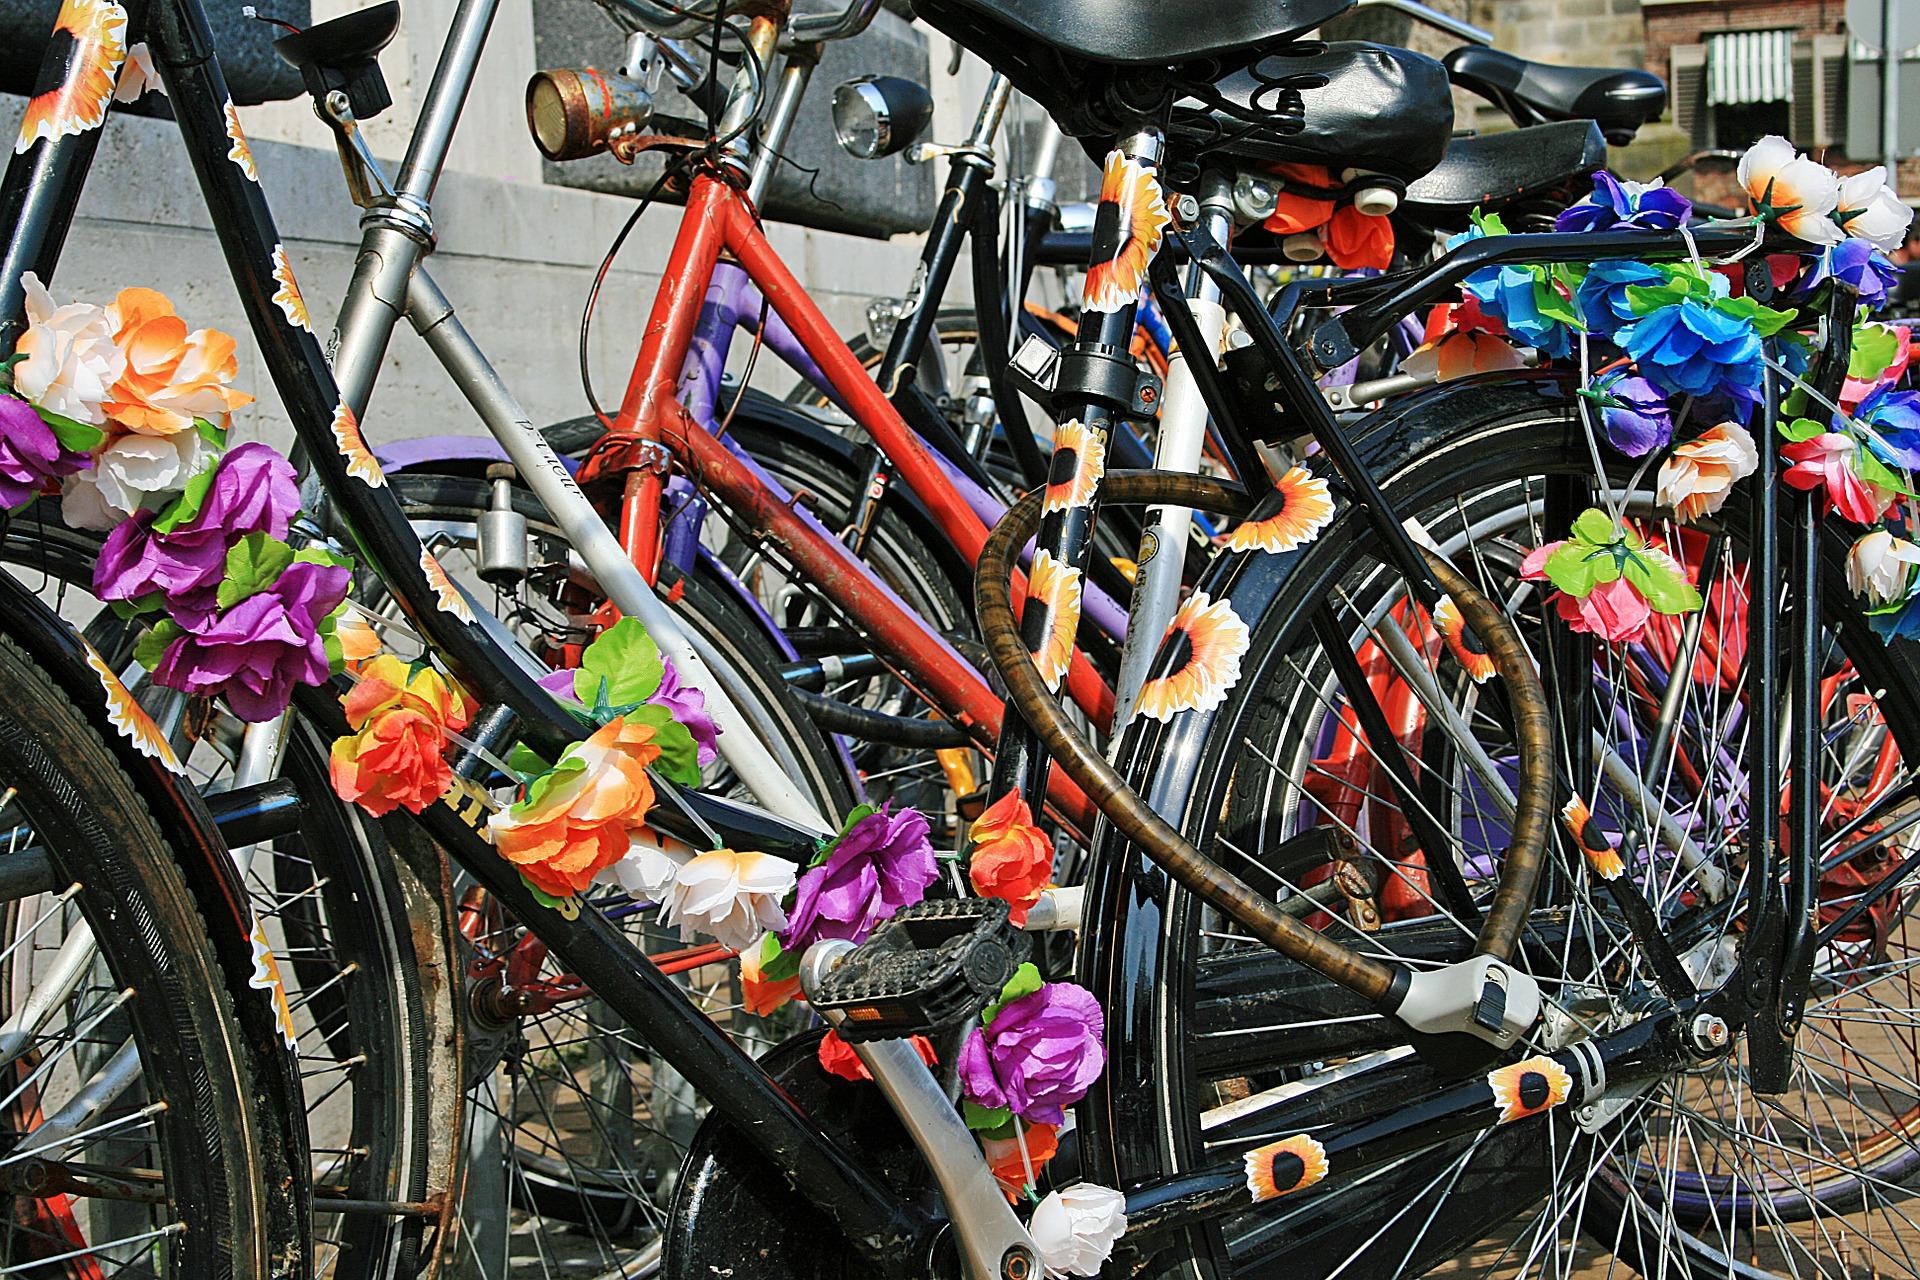 Telineessä oleviin polkupyöriin on sidottu paperista tehtyjä värikkäitä kukkia.